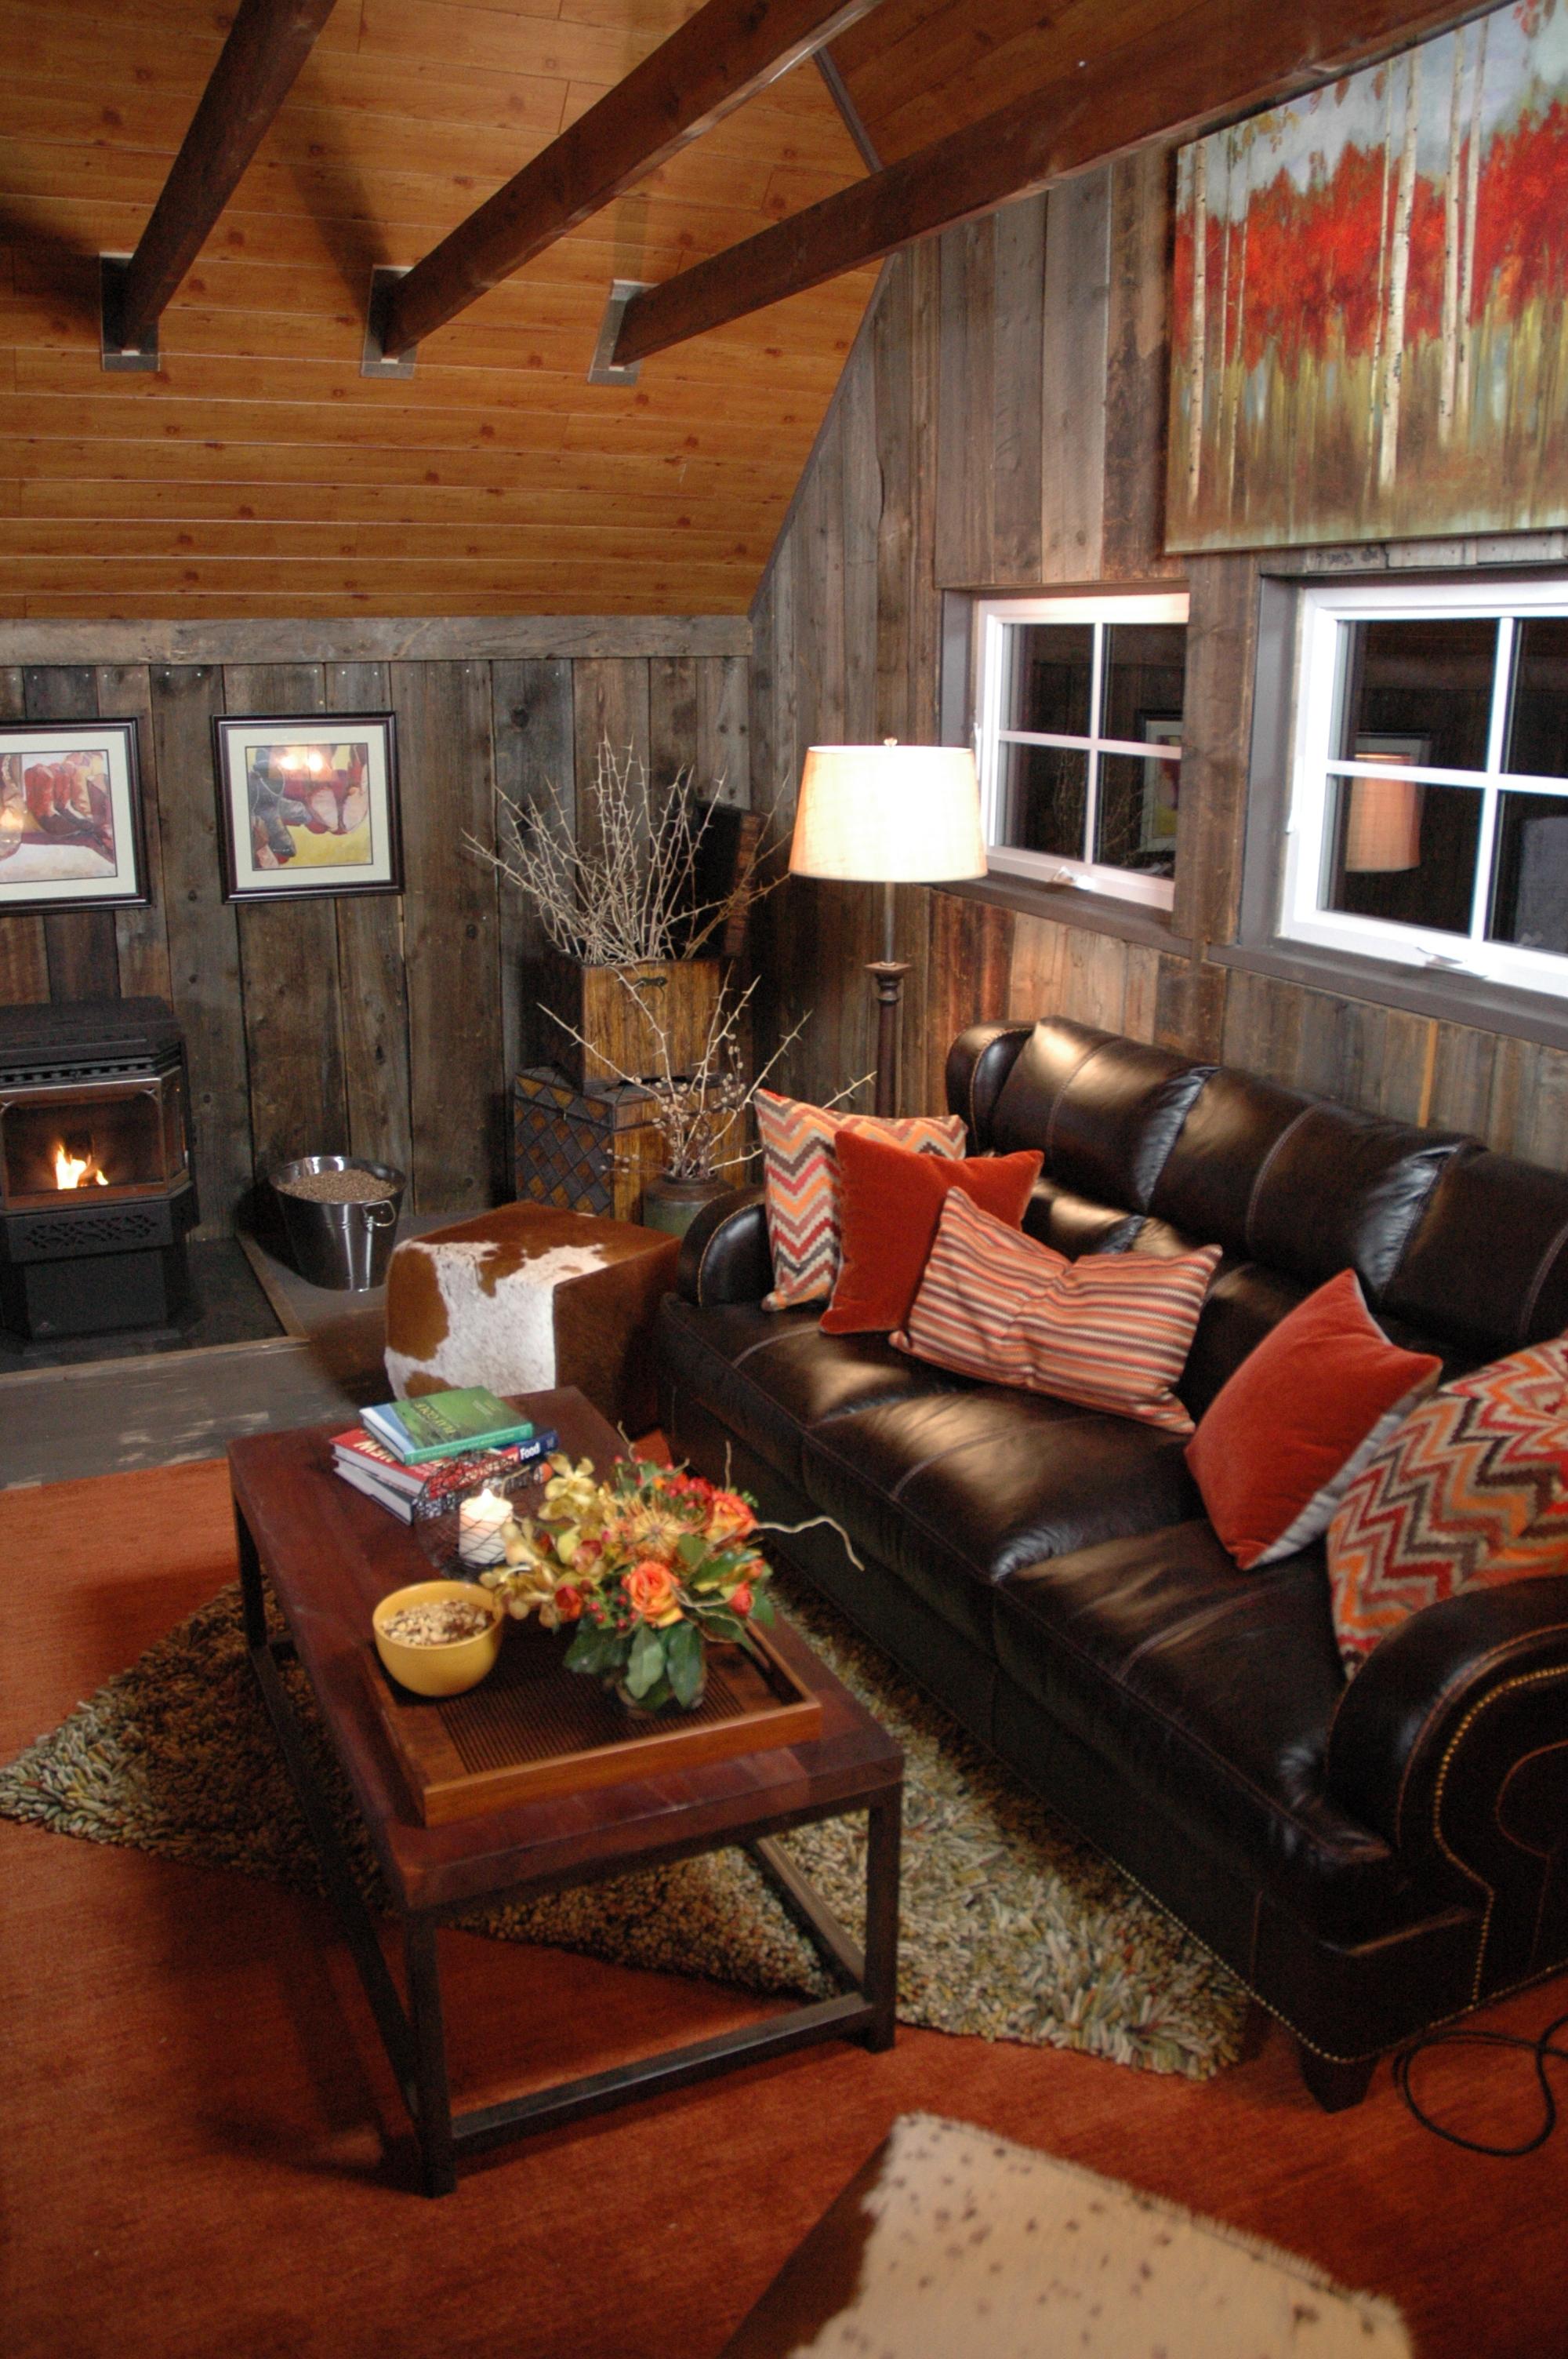 Interior design bergamo simple gombithotel hotelroom in bergamo with interior design bergamo - Interior design bergamo ...